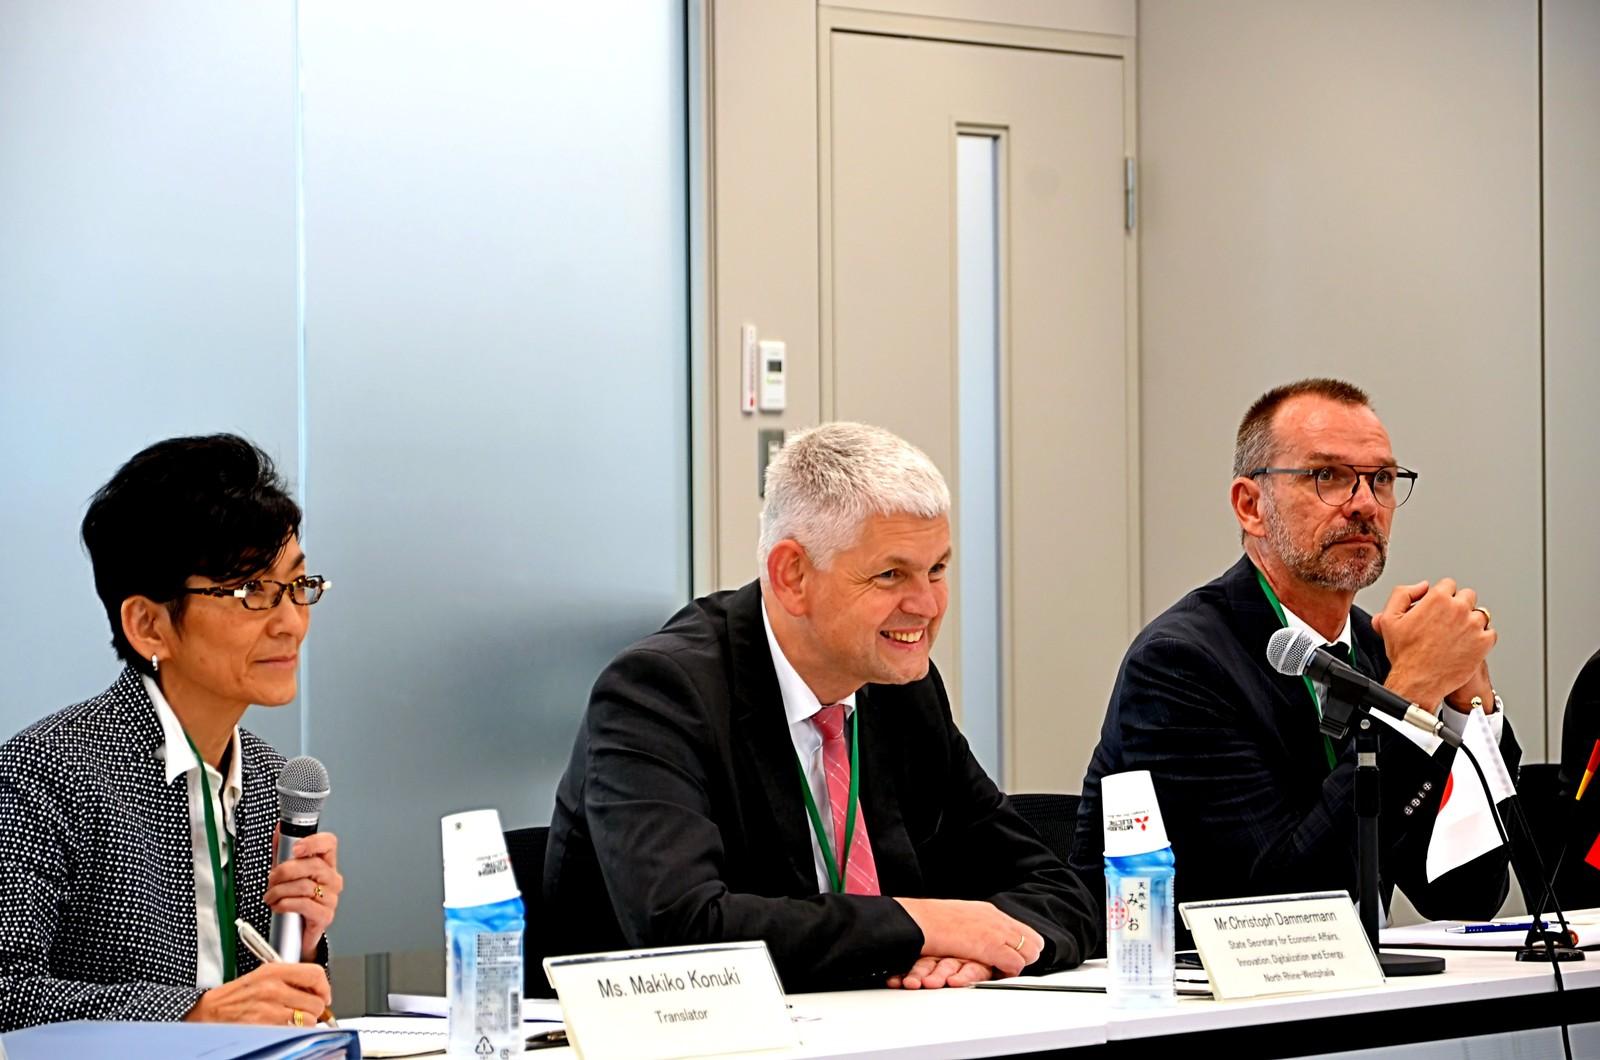 NRW Staatssekretär Christoph Dammermann (Mitte) im Austausch über Society 5.0 und Smart Mobility beim Vorstand von Mitsubishi Electric in Tokio. Die Japaner stehen ähnlichen Herausforderungen wie Deutschland gegenüber.